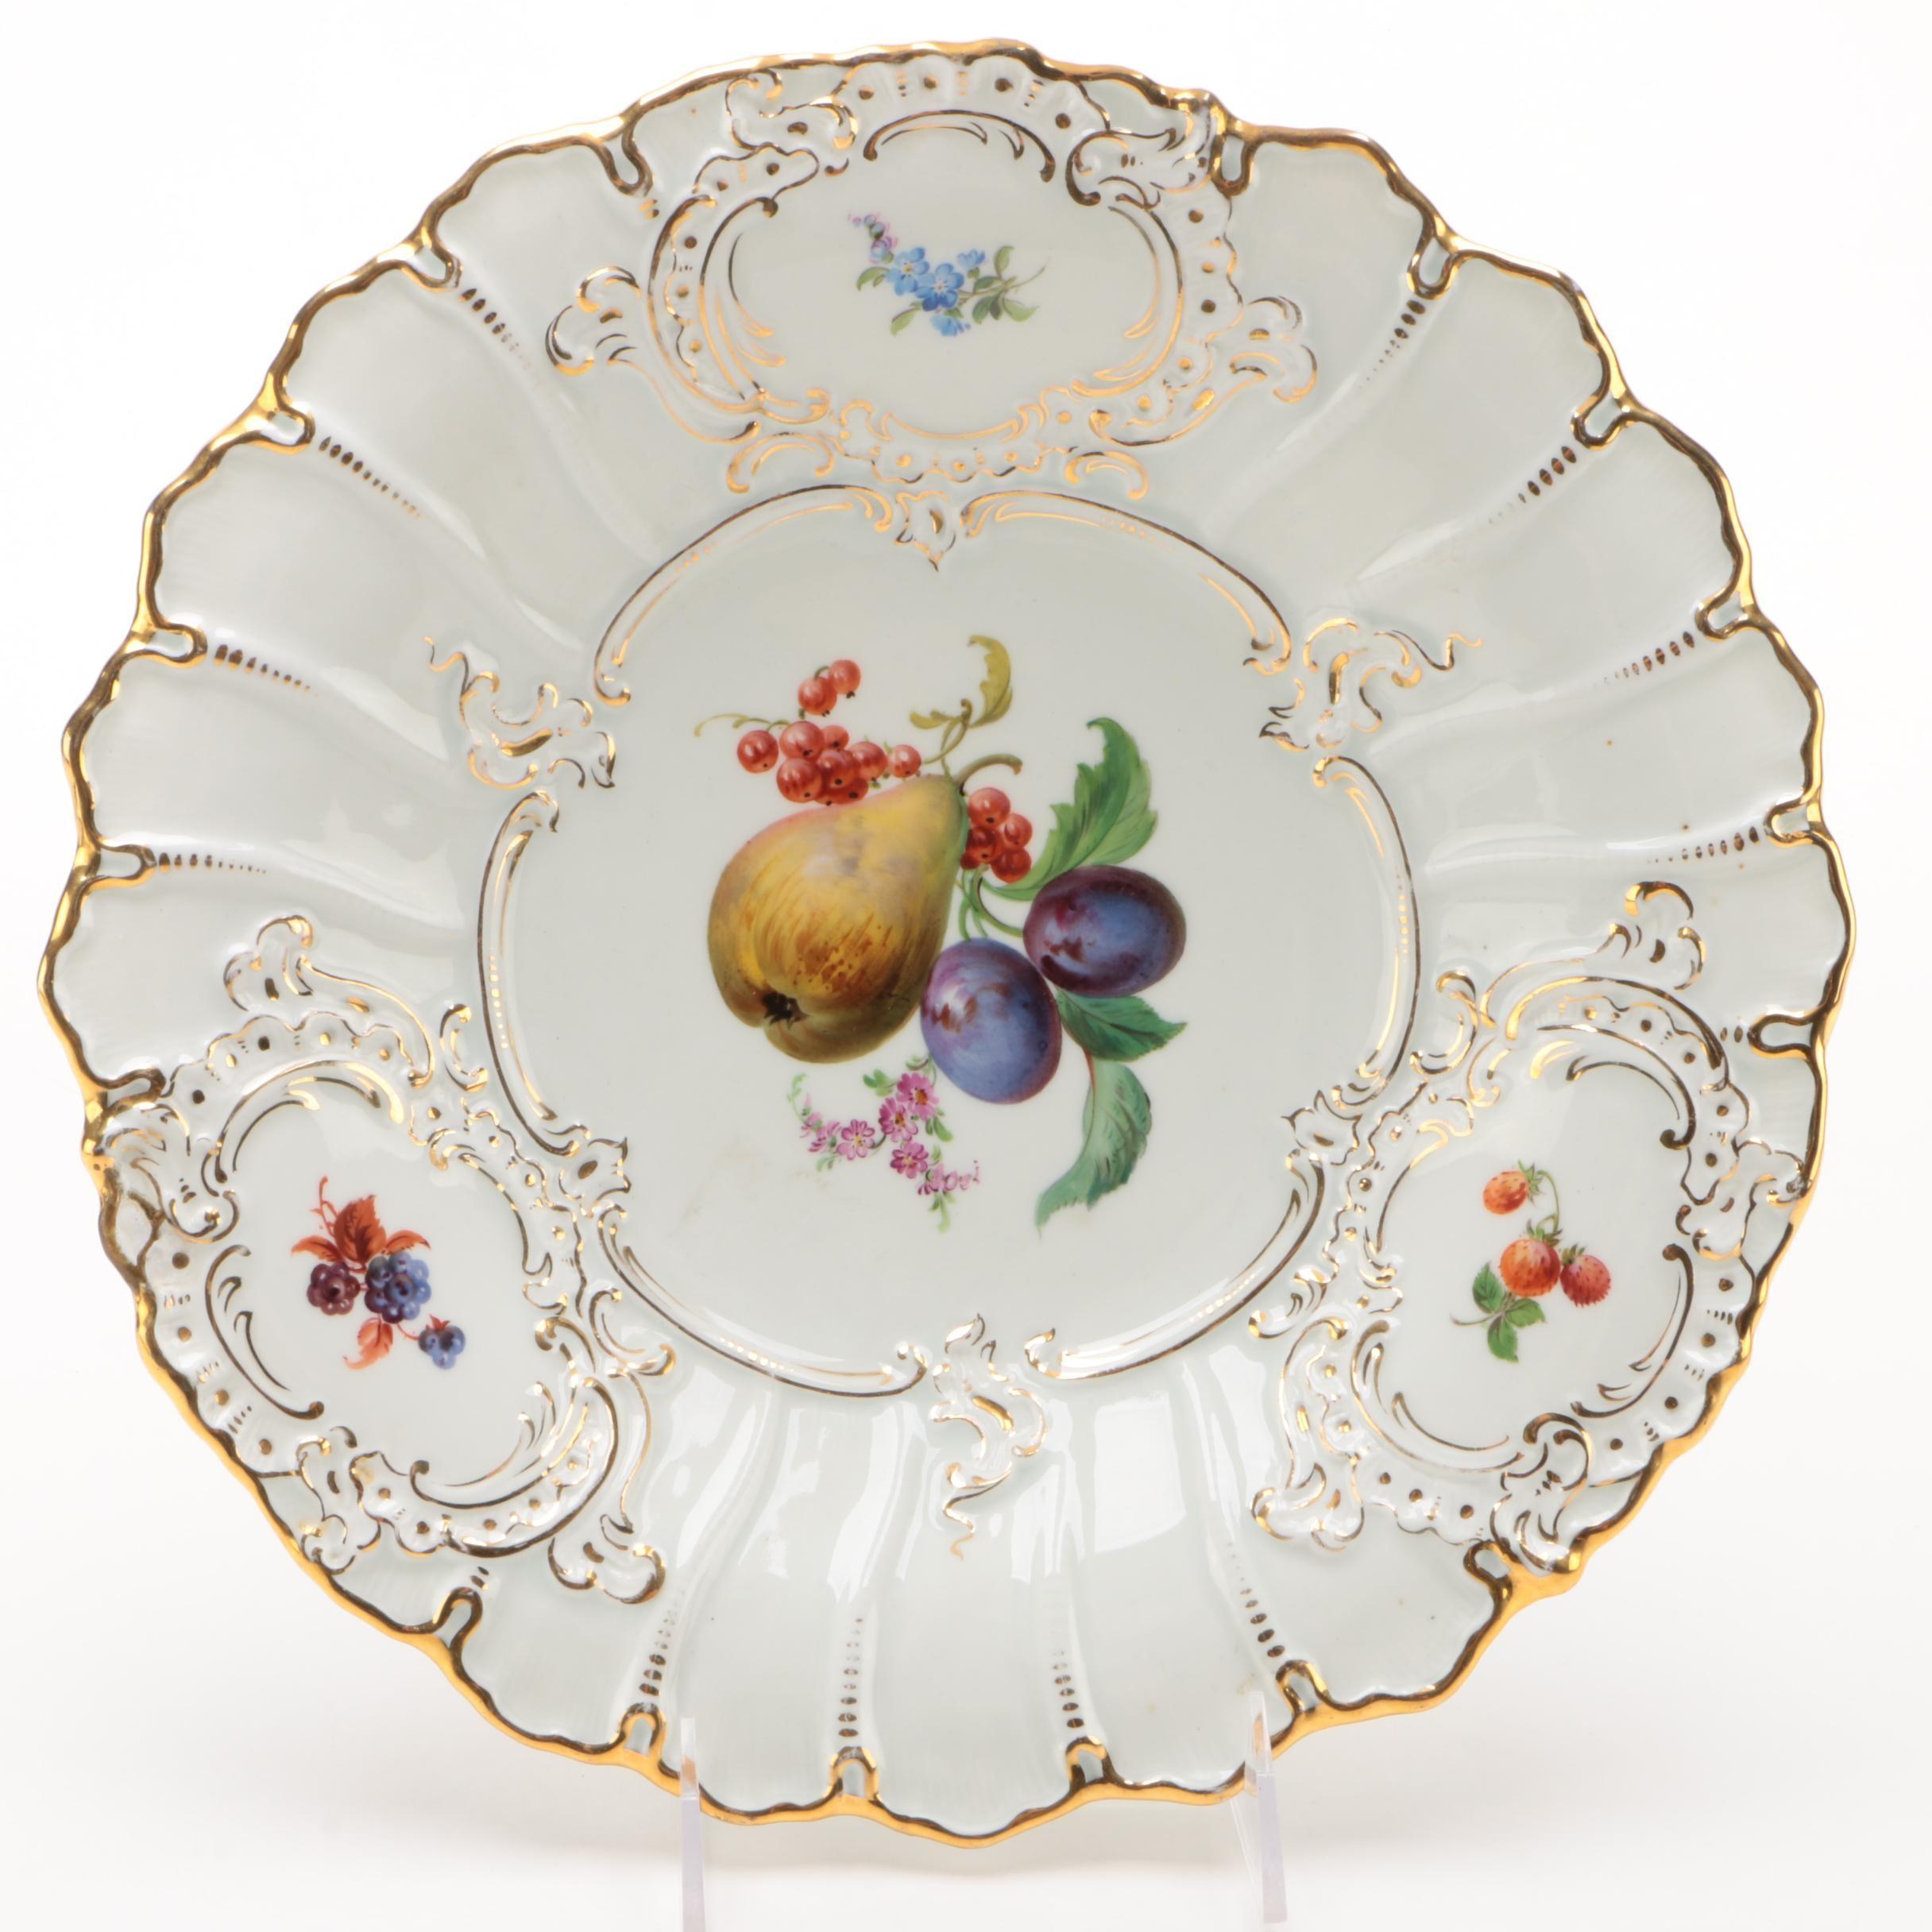 Meissen Porcelain Serving Bowl with Gilt Rim, Circa 1934–1945